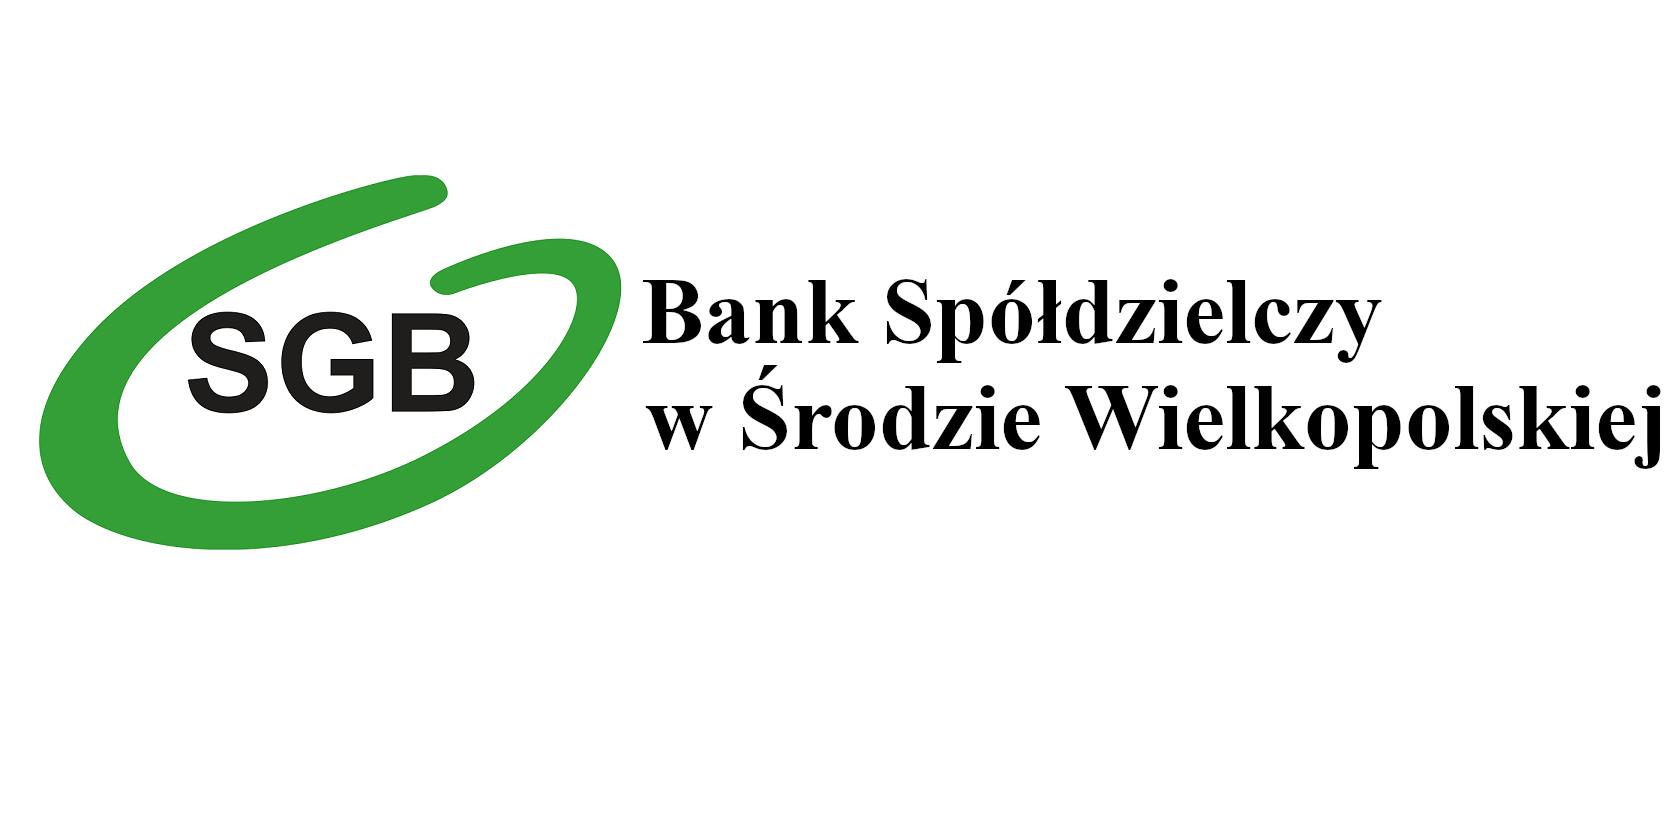 Informacja PK Chocicza - Bank Spółdzielczy w Środzie Wielkopolskiej